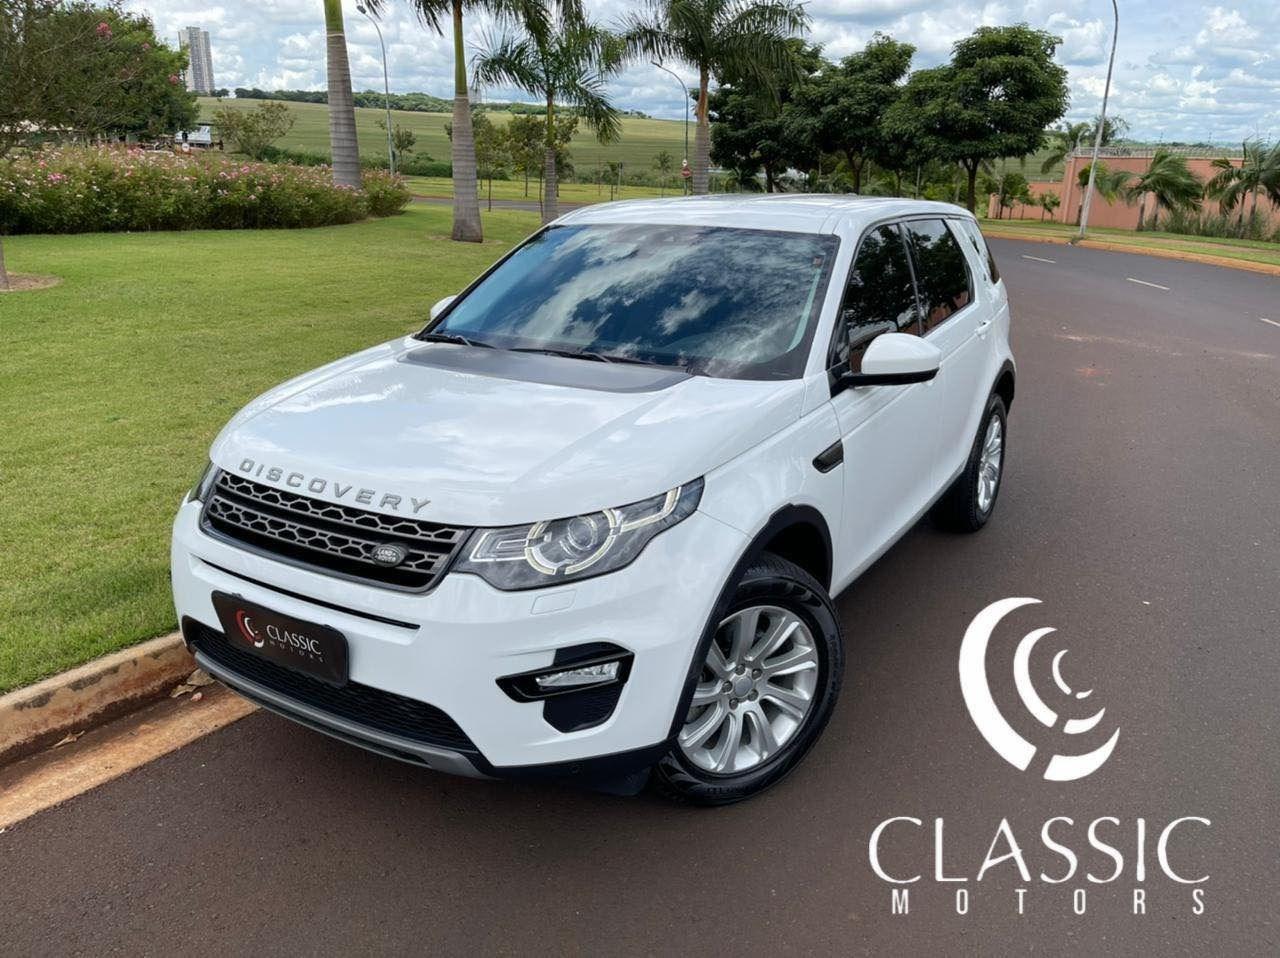 //www.autoline.com.br/carro/land-rover/discovery-sport-20-se-16v-gasolina-4p-4x4-turbo-automatico/2016/ribeirao-preto-sp/14862447